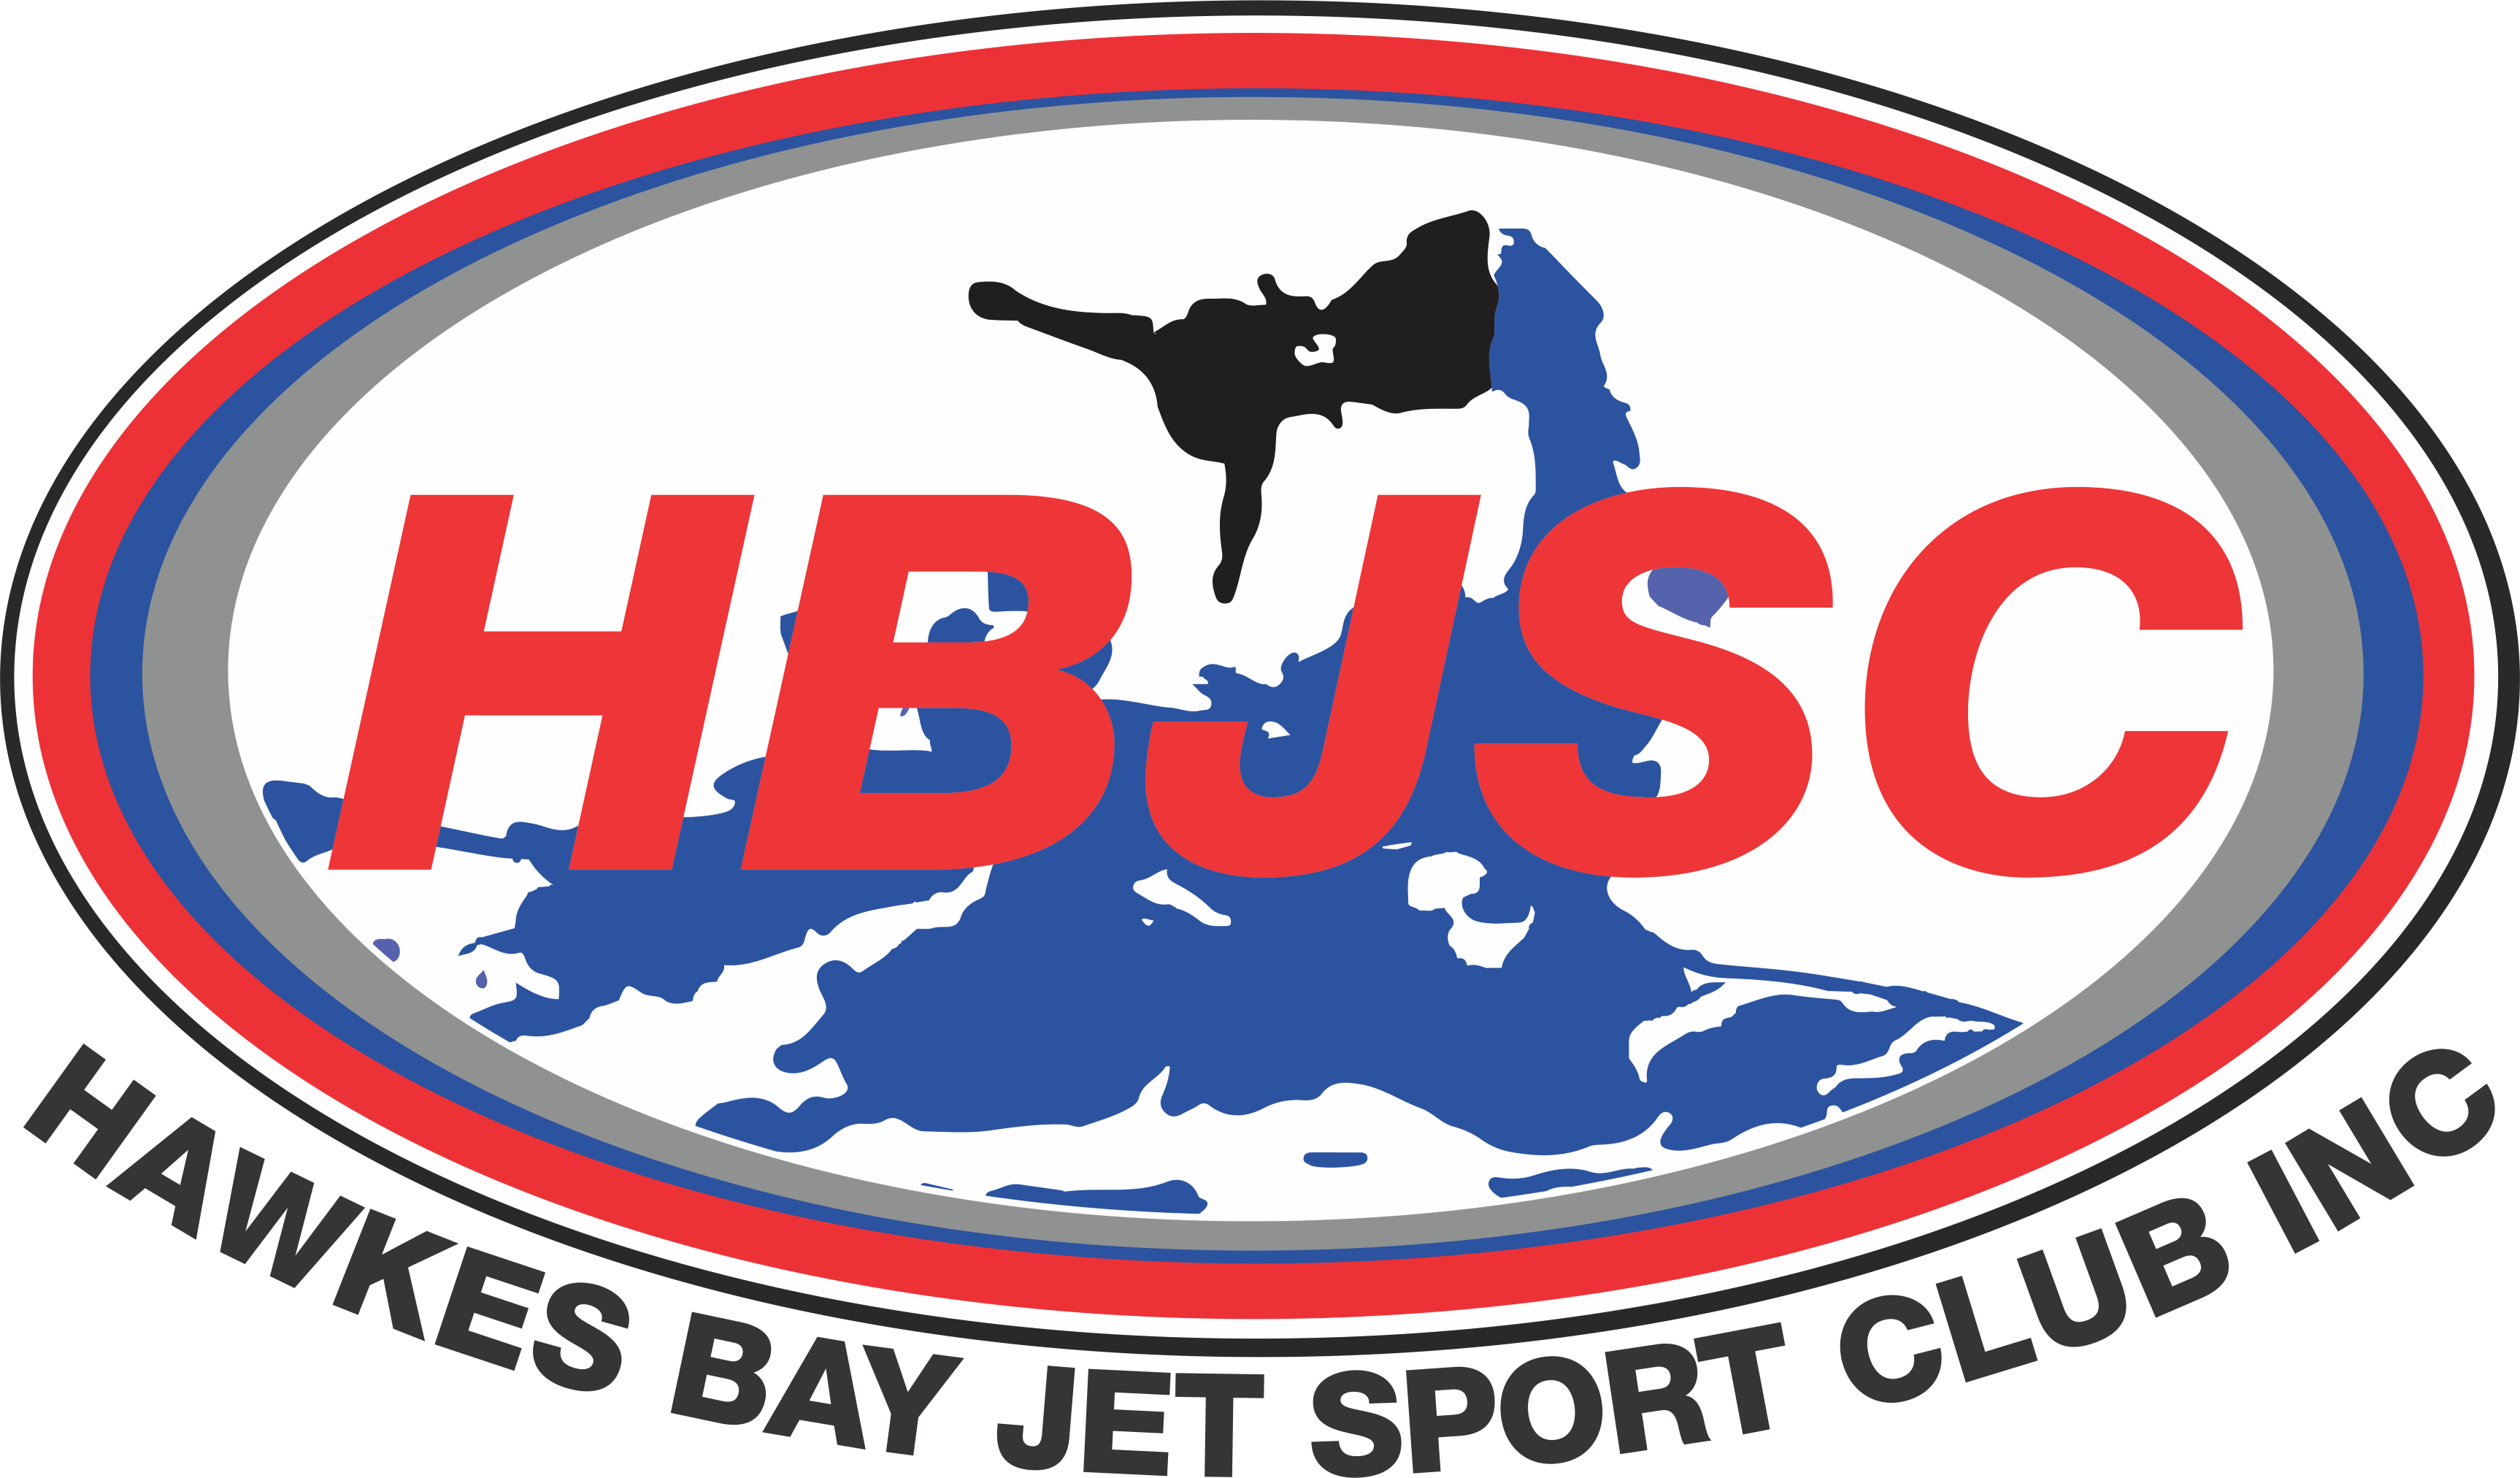 Hawkes Bay Jet Sport Club